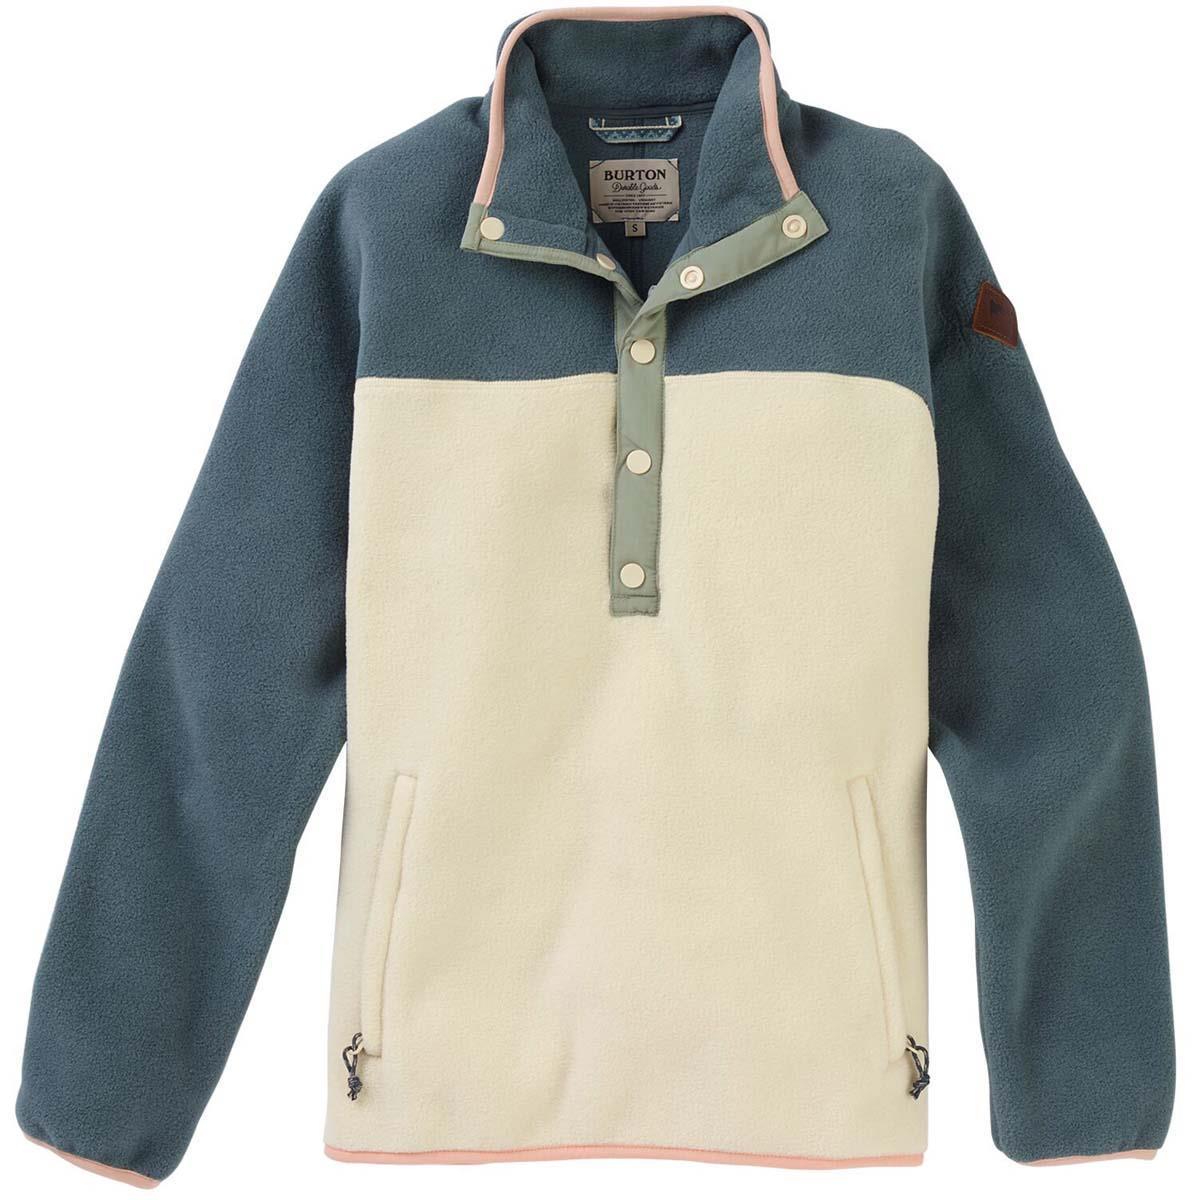 c8e94bc26b Burton Hearth Fleece Pullover - Women's